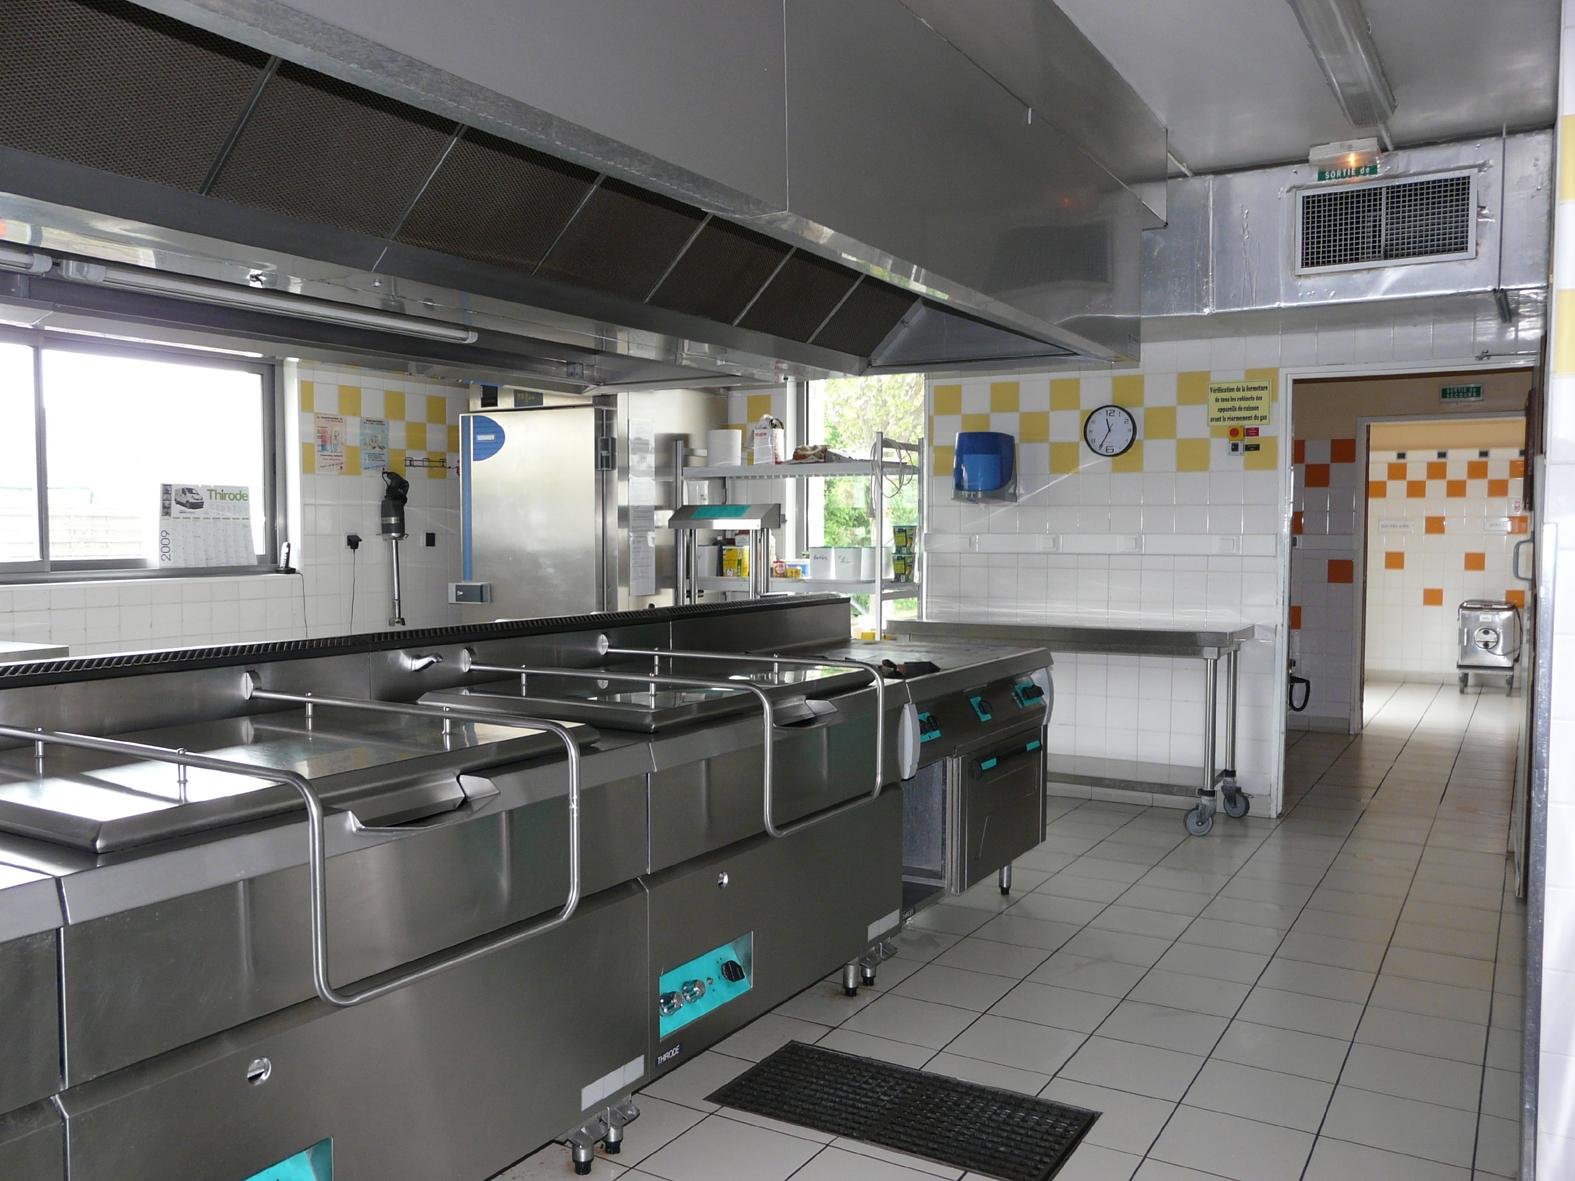 cuisine du centre de restauration